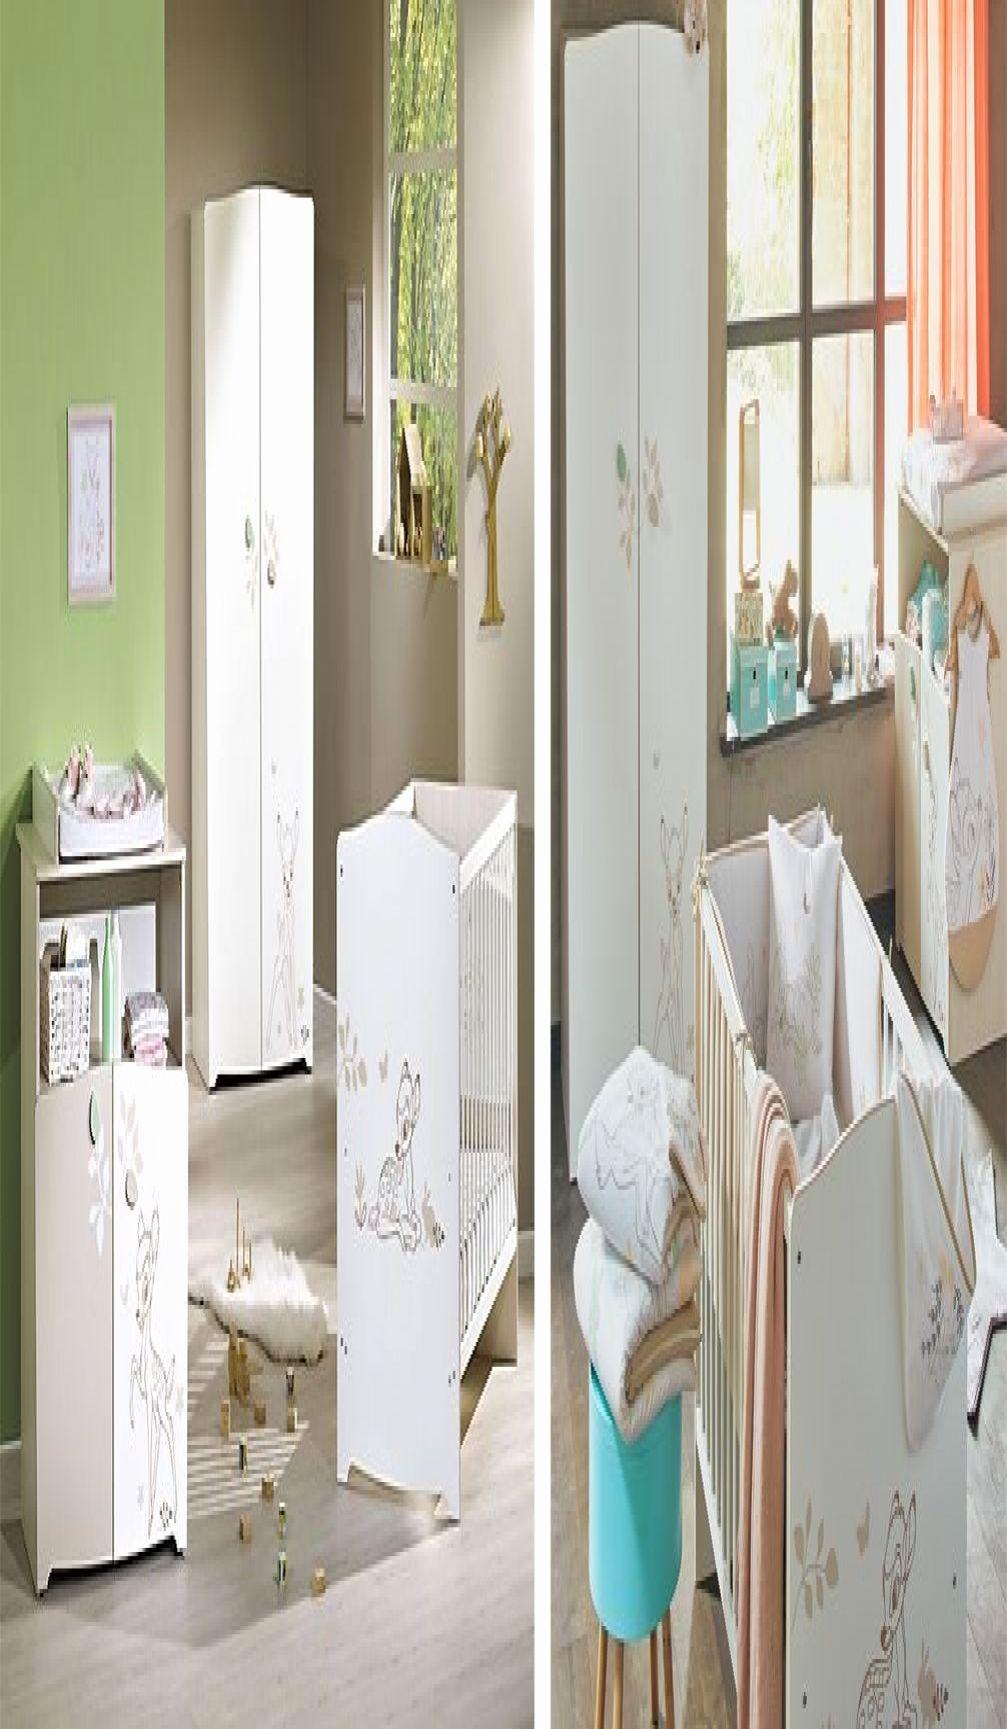 Alinea Chambre Fille Excellent Ikea Tapis Enfant Des S Conforama Chambre Bebe En 2020 Avec Images Chambre Bebe Chambre Bebe Alinea Lit Enfant Conforama